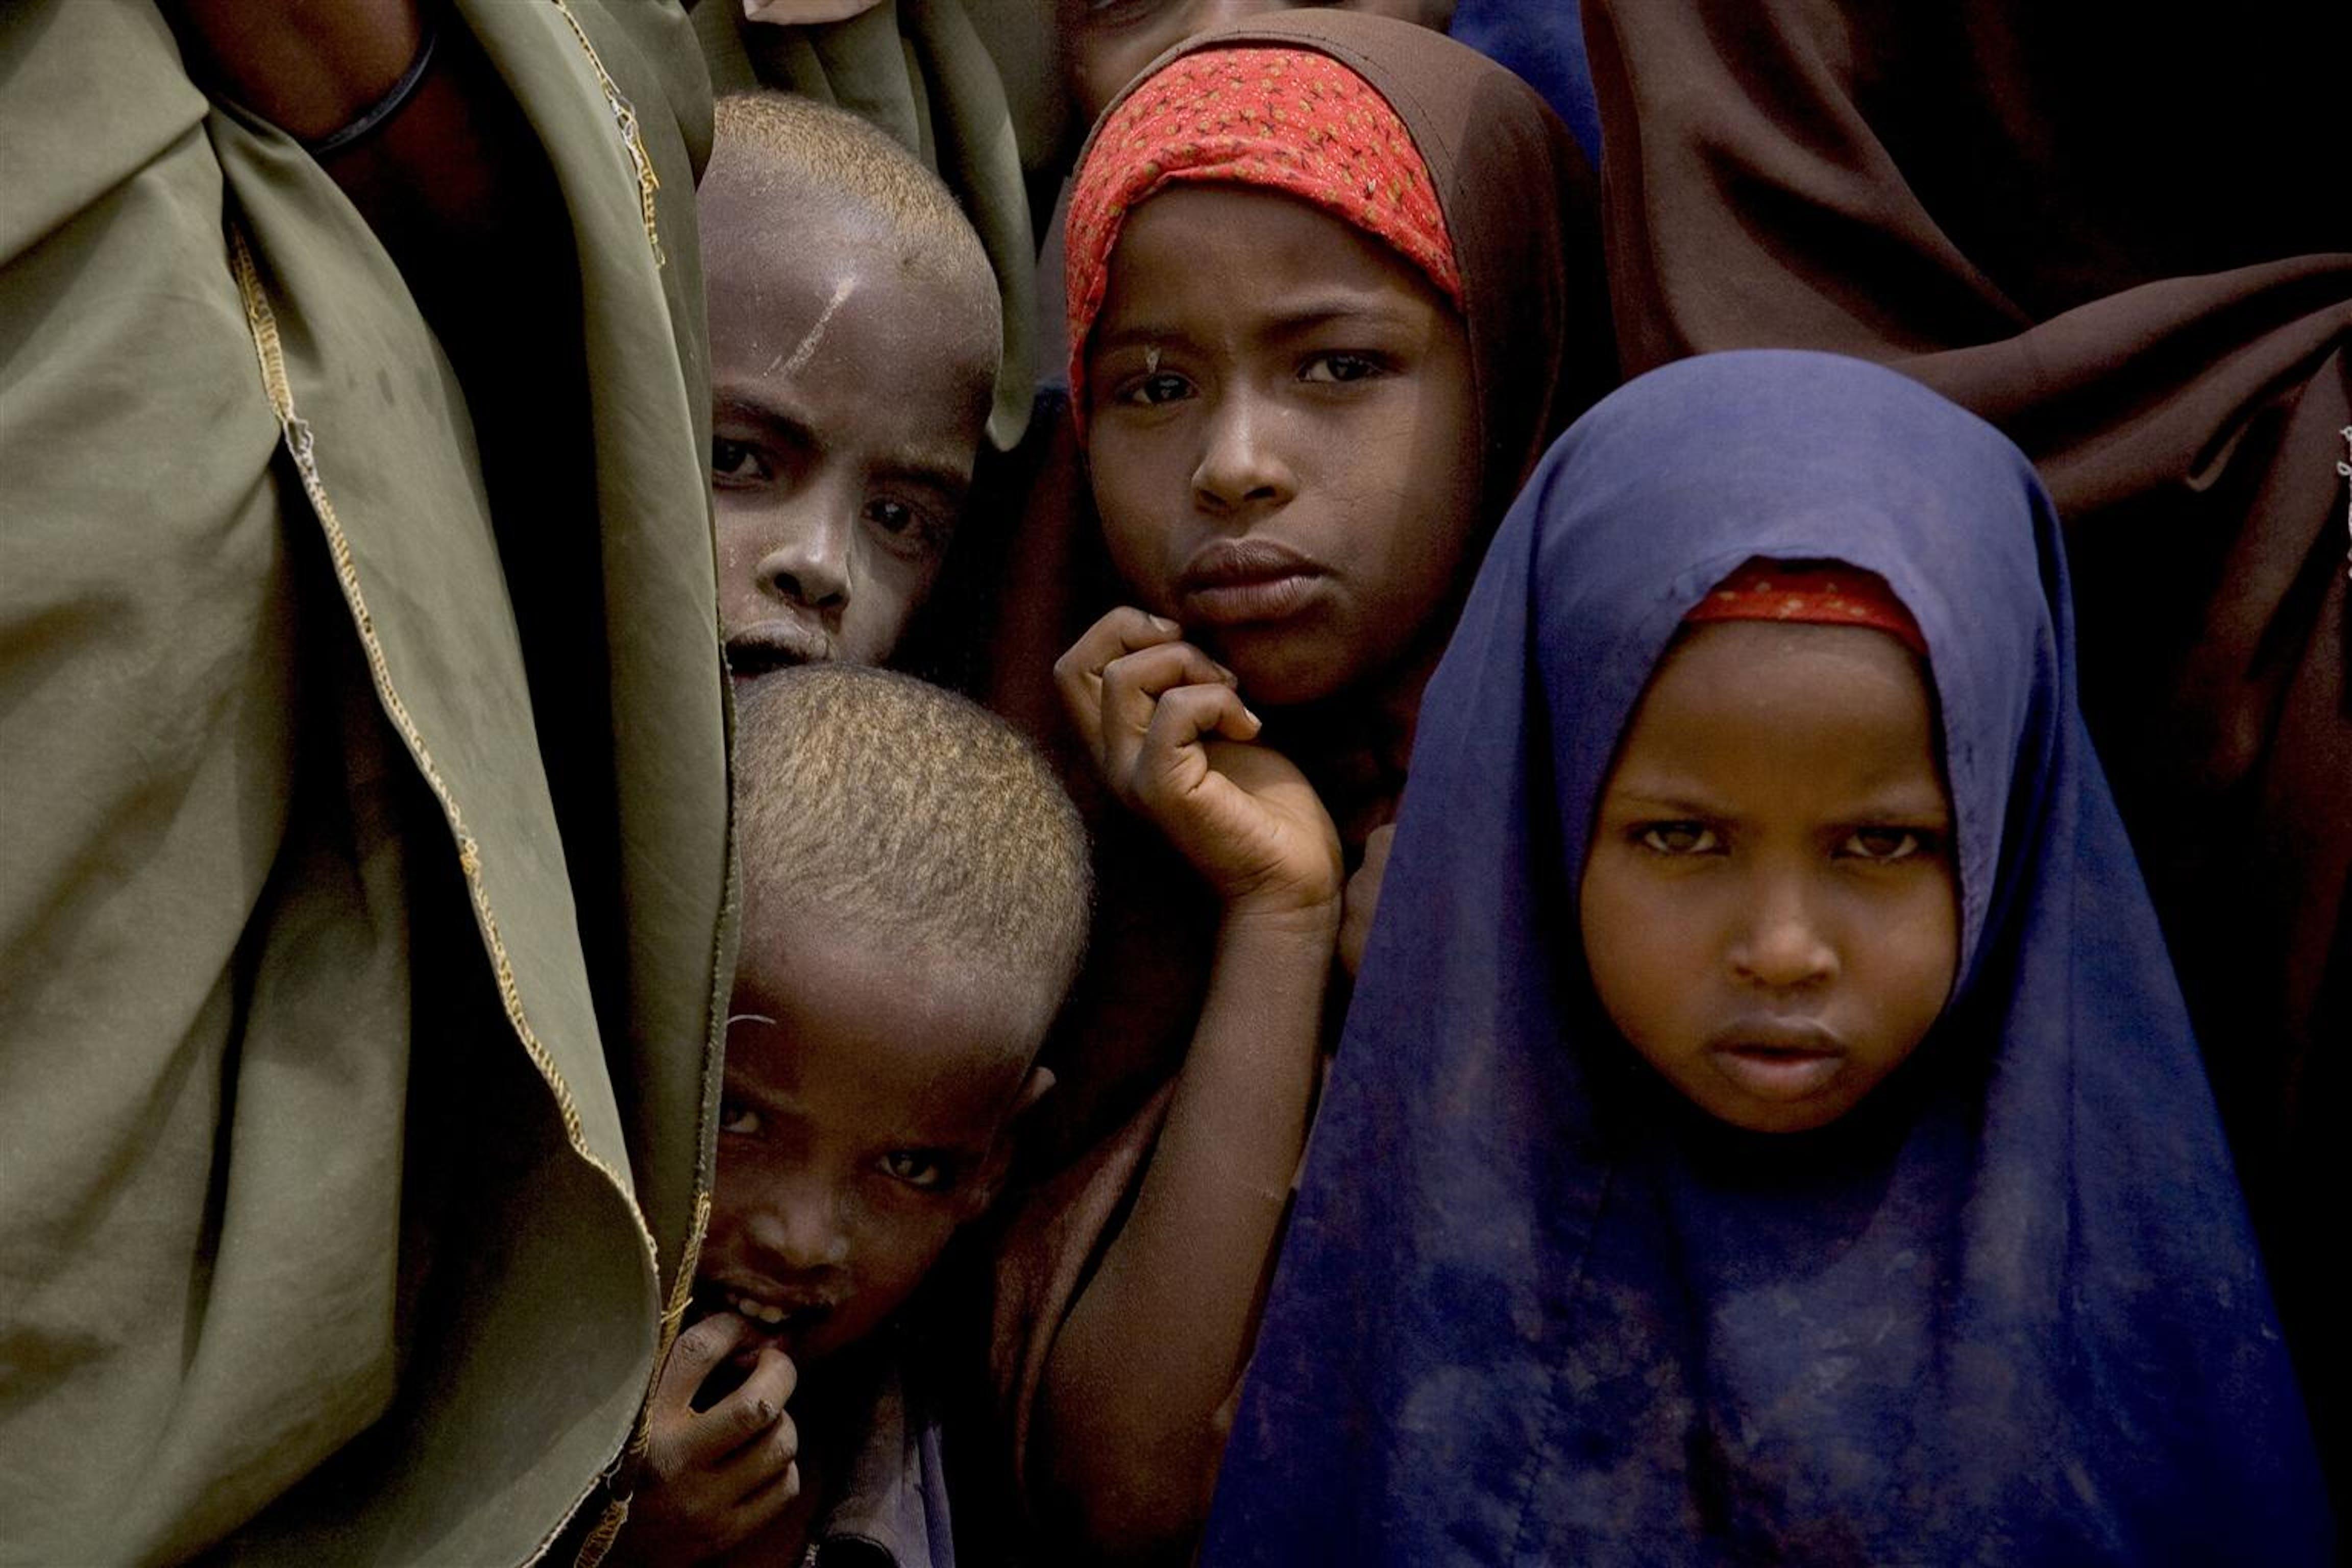 Kenya, Somalia, Etiopia e Gibuti stanno affrontando la peggiore siccità degli ultimi 50 anni. 2 milioni di bambini sono in pericolo di vita.